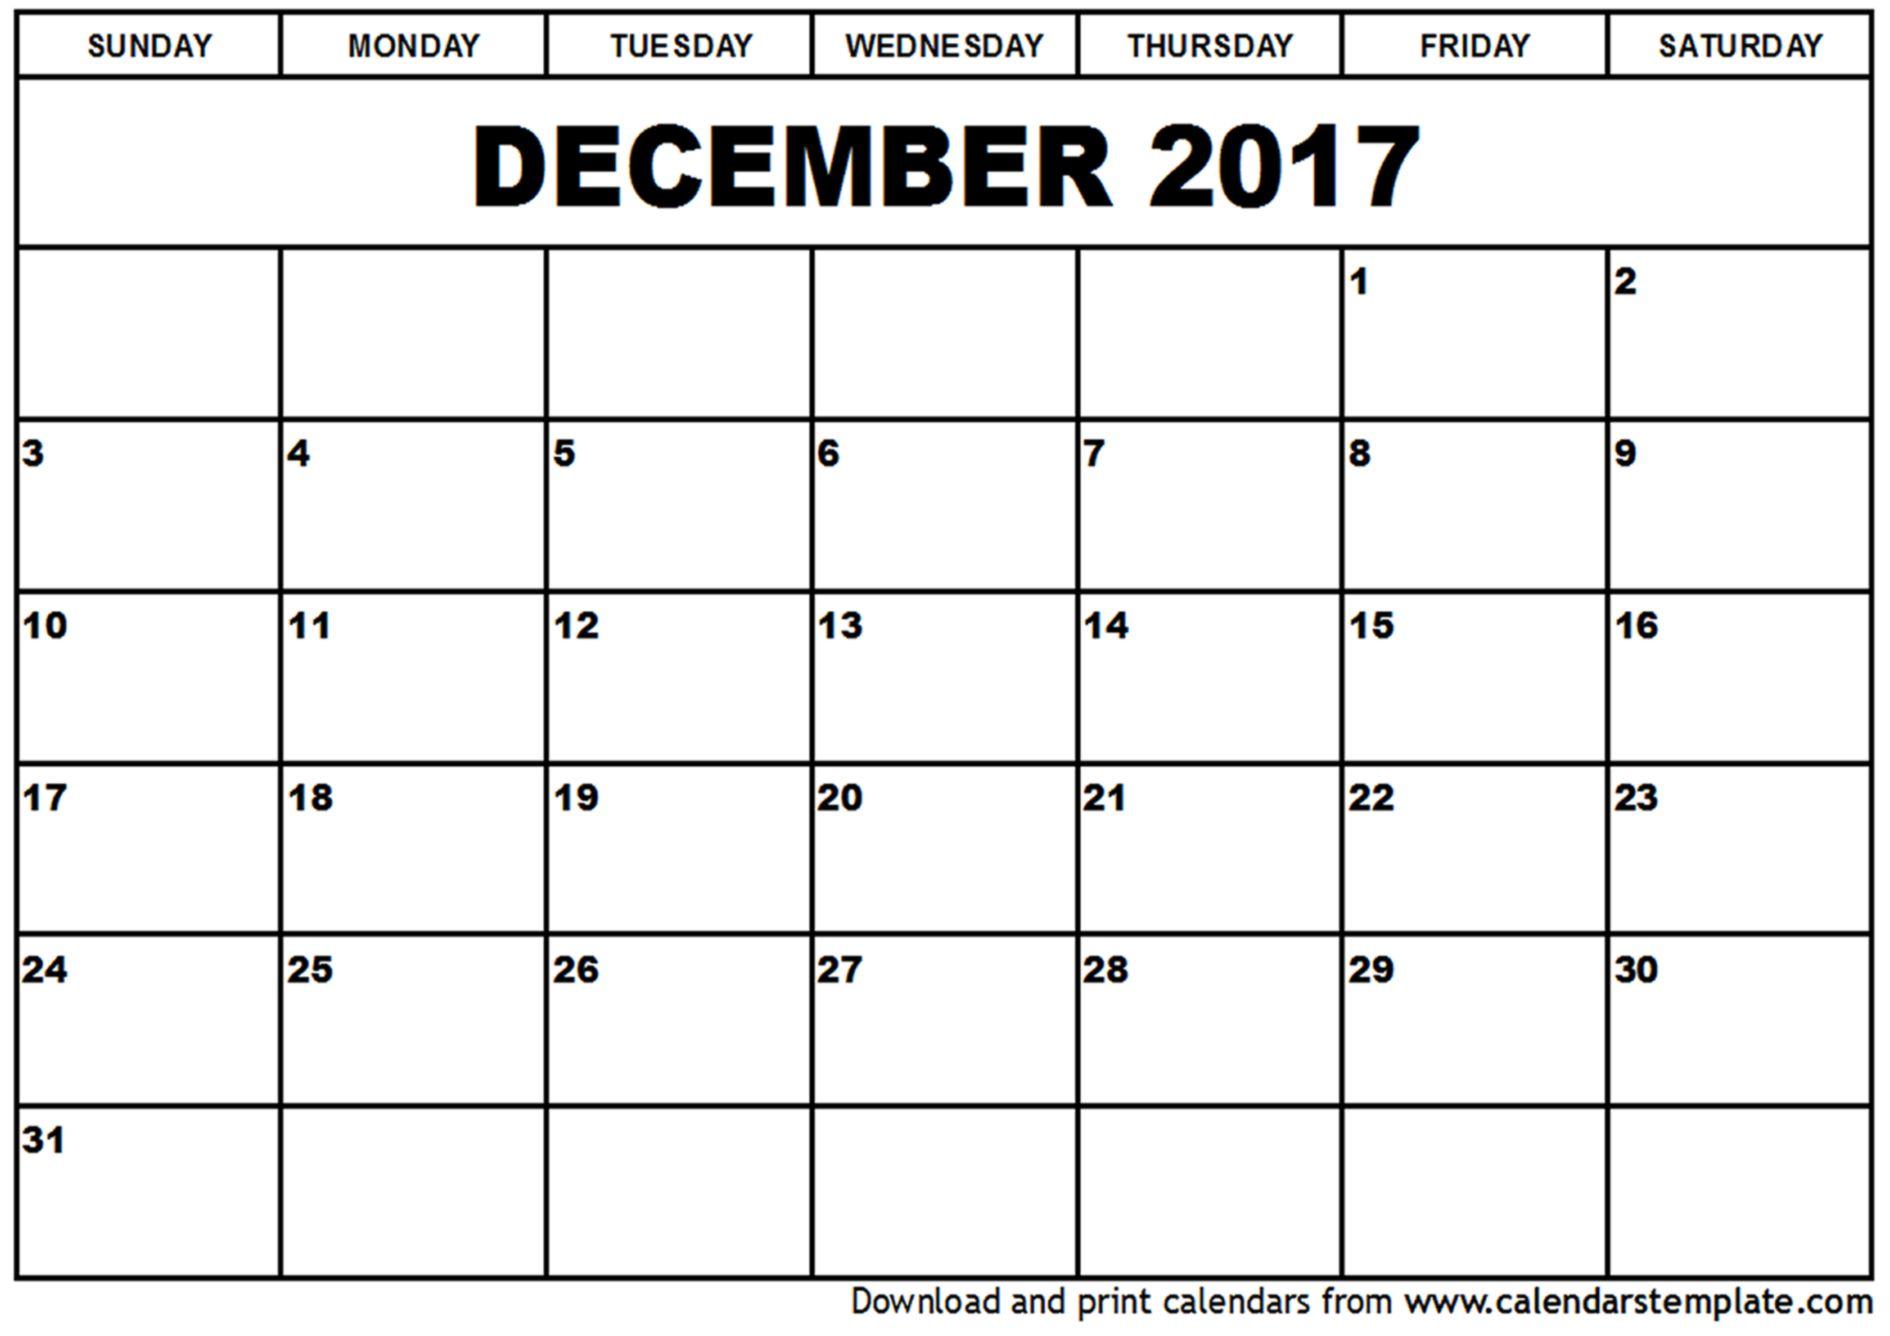 december calendar 2017 | December 2017 Calendar | weekly calendar ...